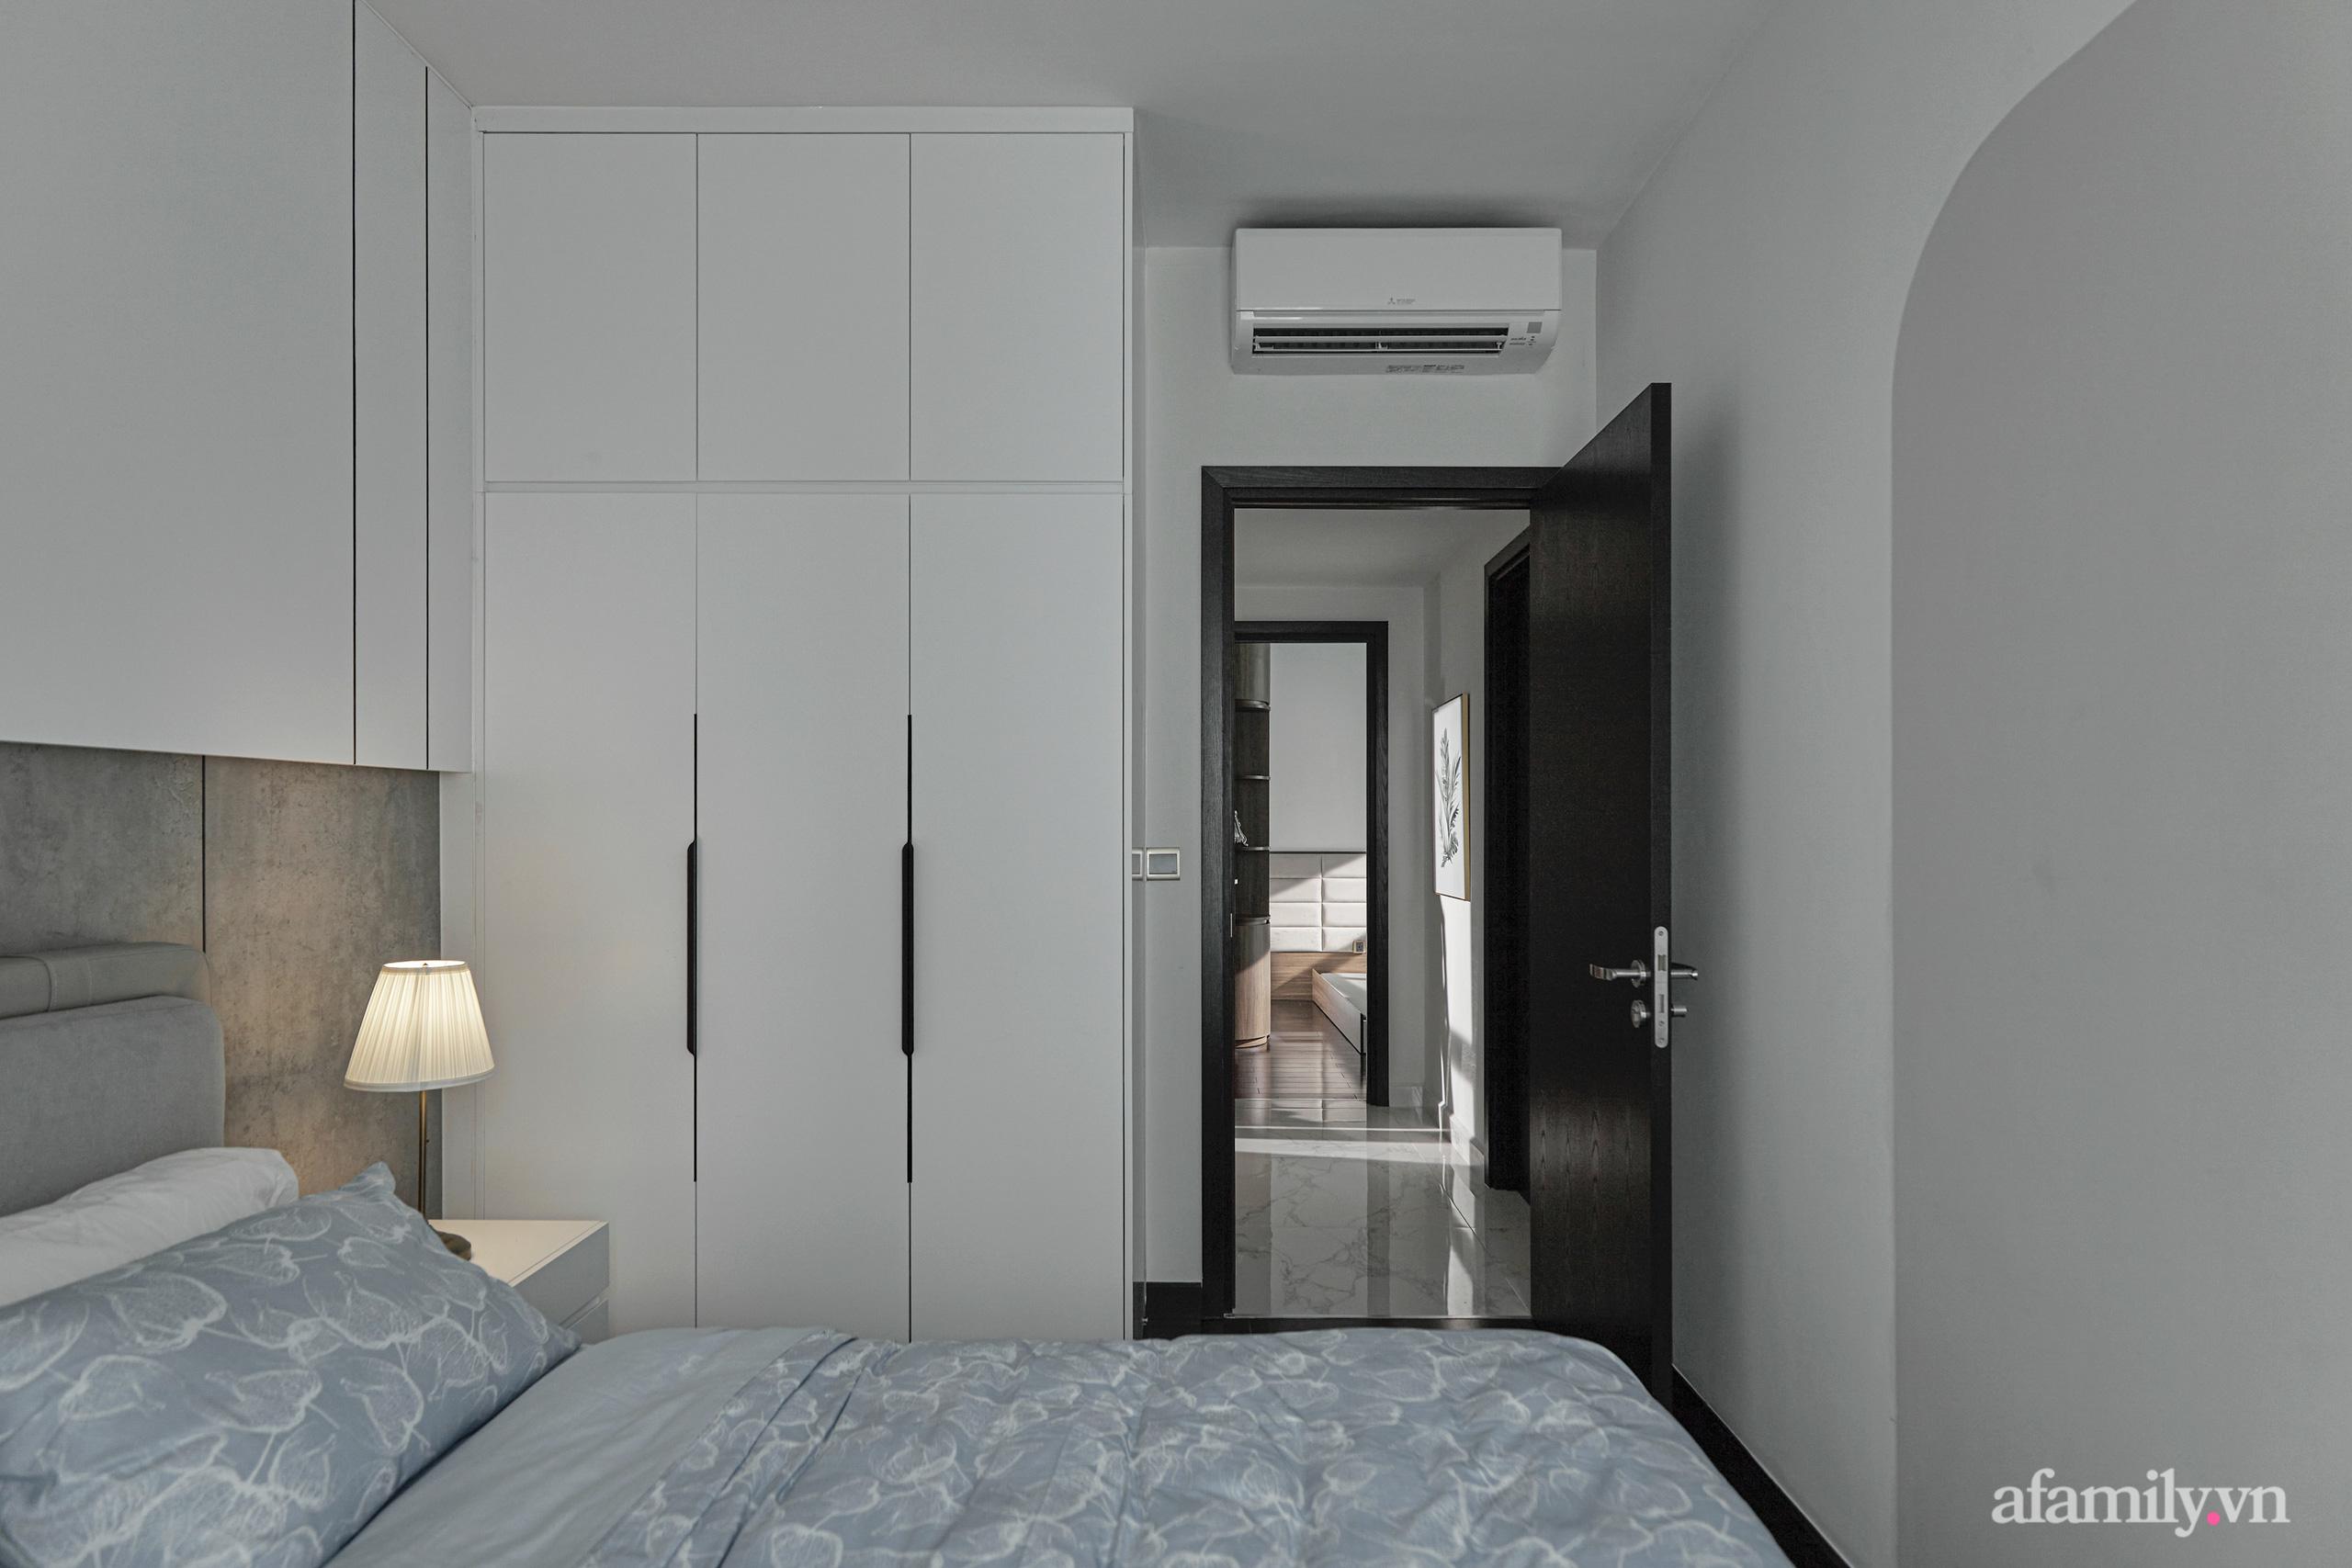 Căn hộ 170m² đẹp như bản tình ca lãng mạn nhờ sử dụng những gam màu nhẹ nhàng, nội thất cao cấp ở Sài Gòn - Ảnh 13.